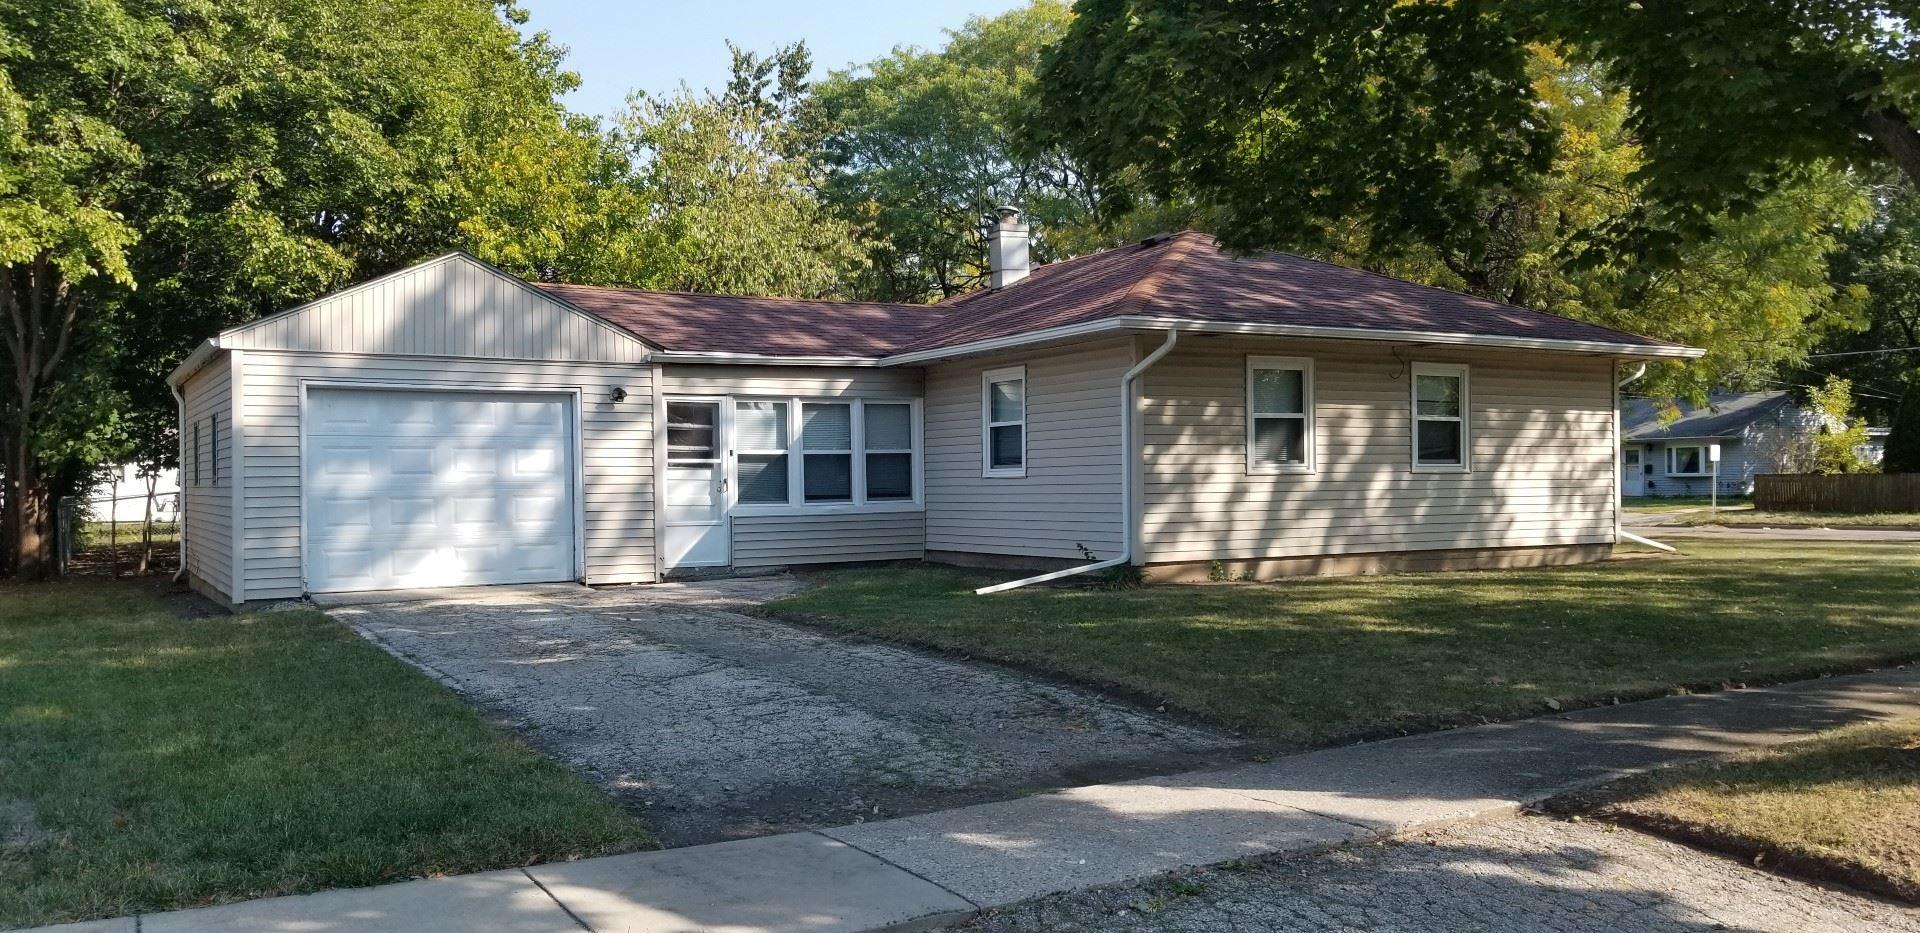 2704 RIDGE Avenue, Rockford, IL 61103 - #: 11249622